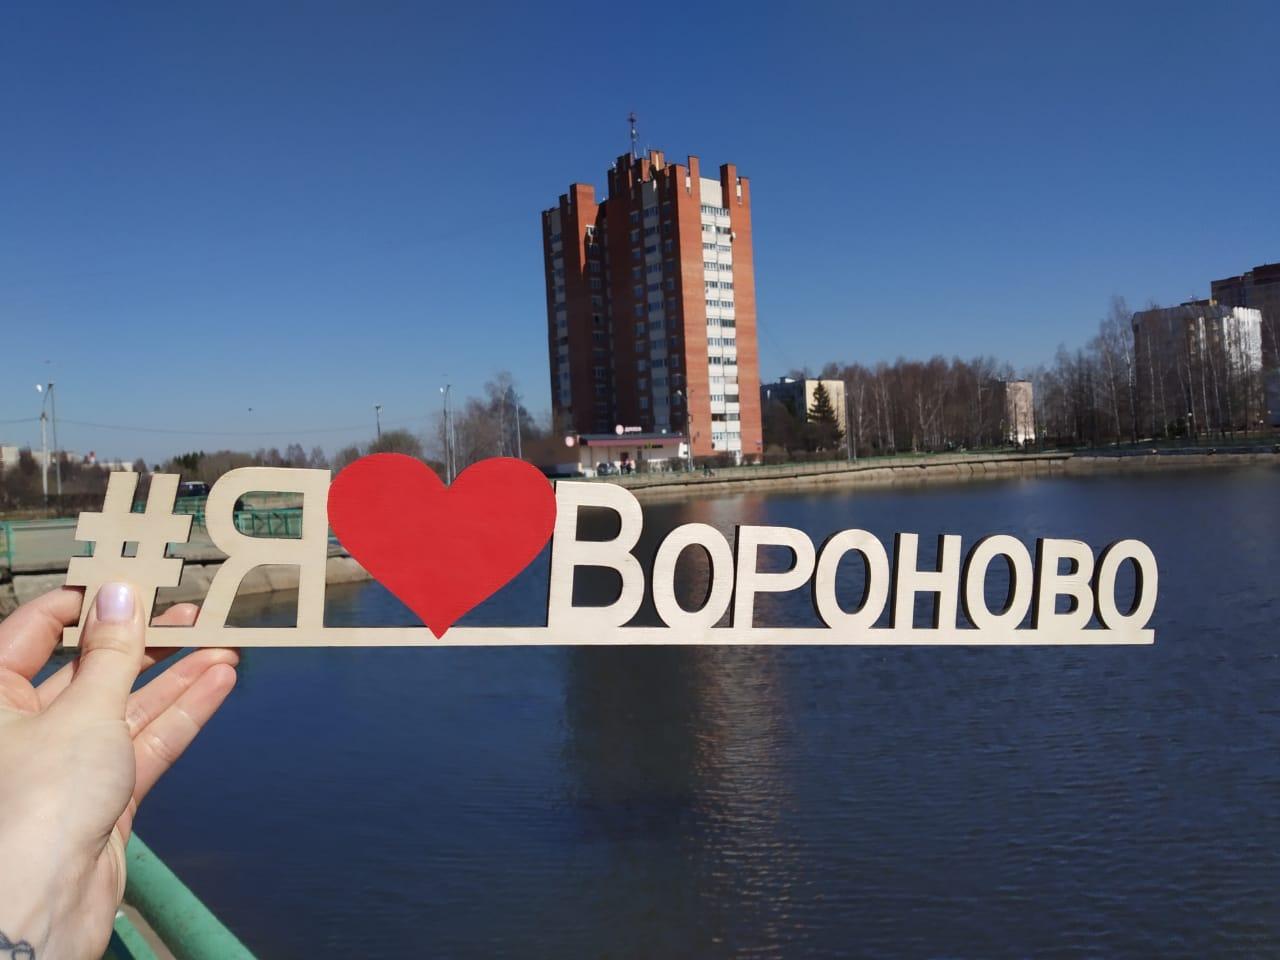 Видеофлешмоб запустила молодежь из Вороновского